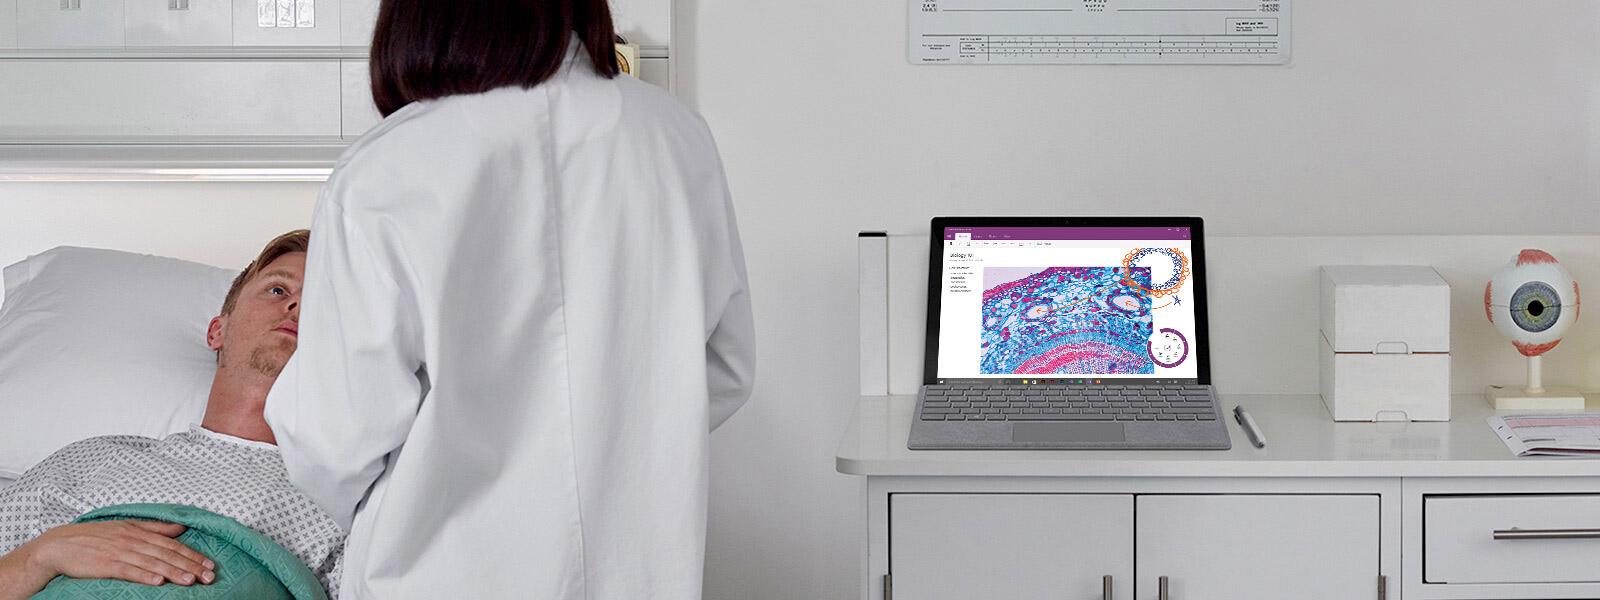 Arzt in Patientengespräch an Krankenbett mit Surface Book auf Tisch im Hintergrund.